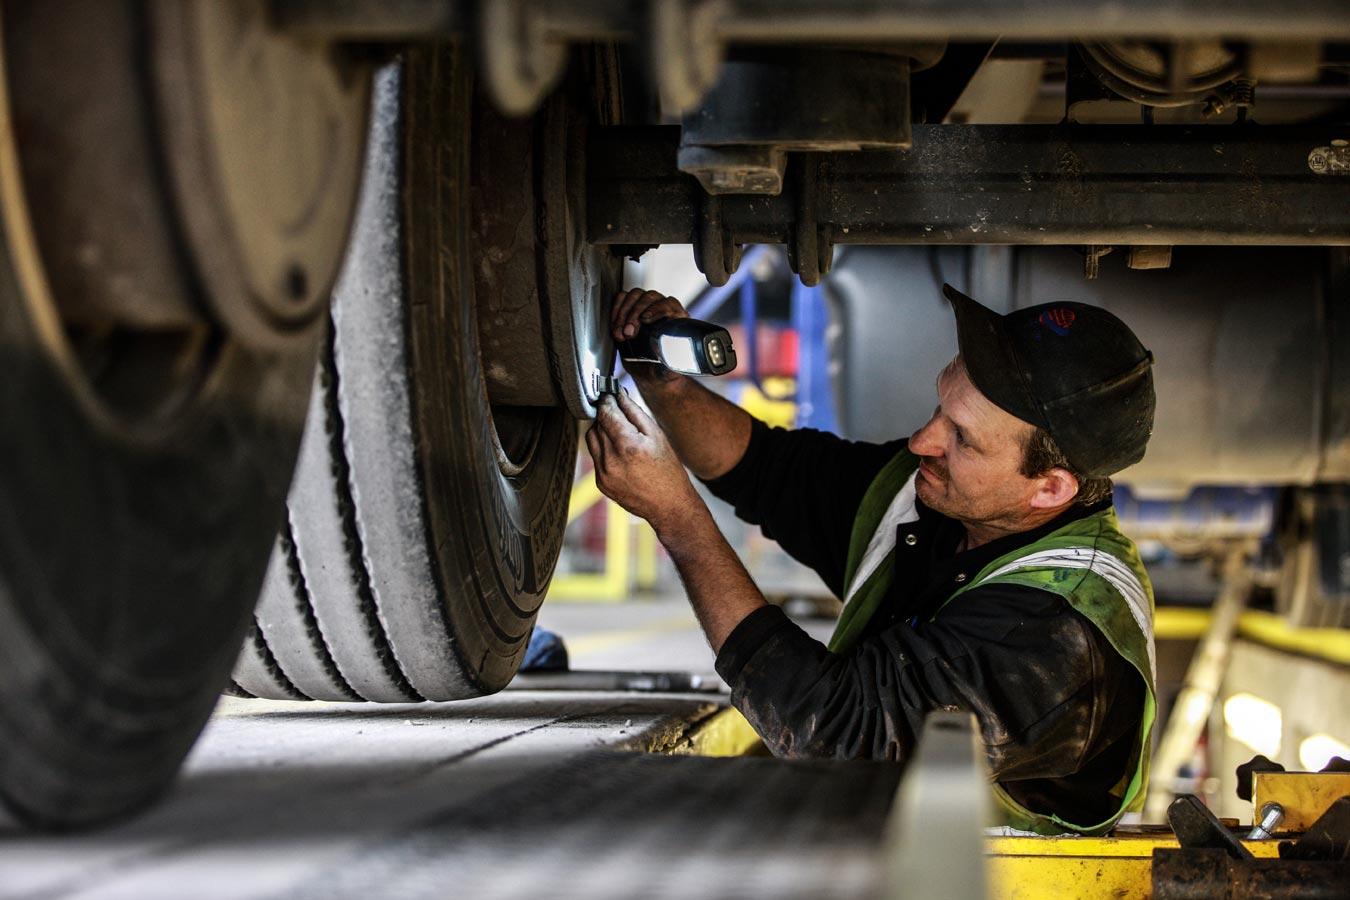 Wheel repairing